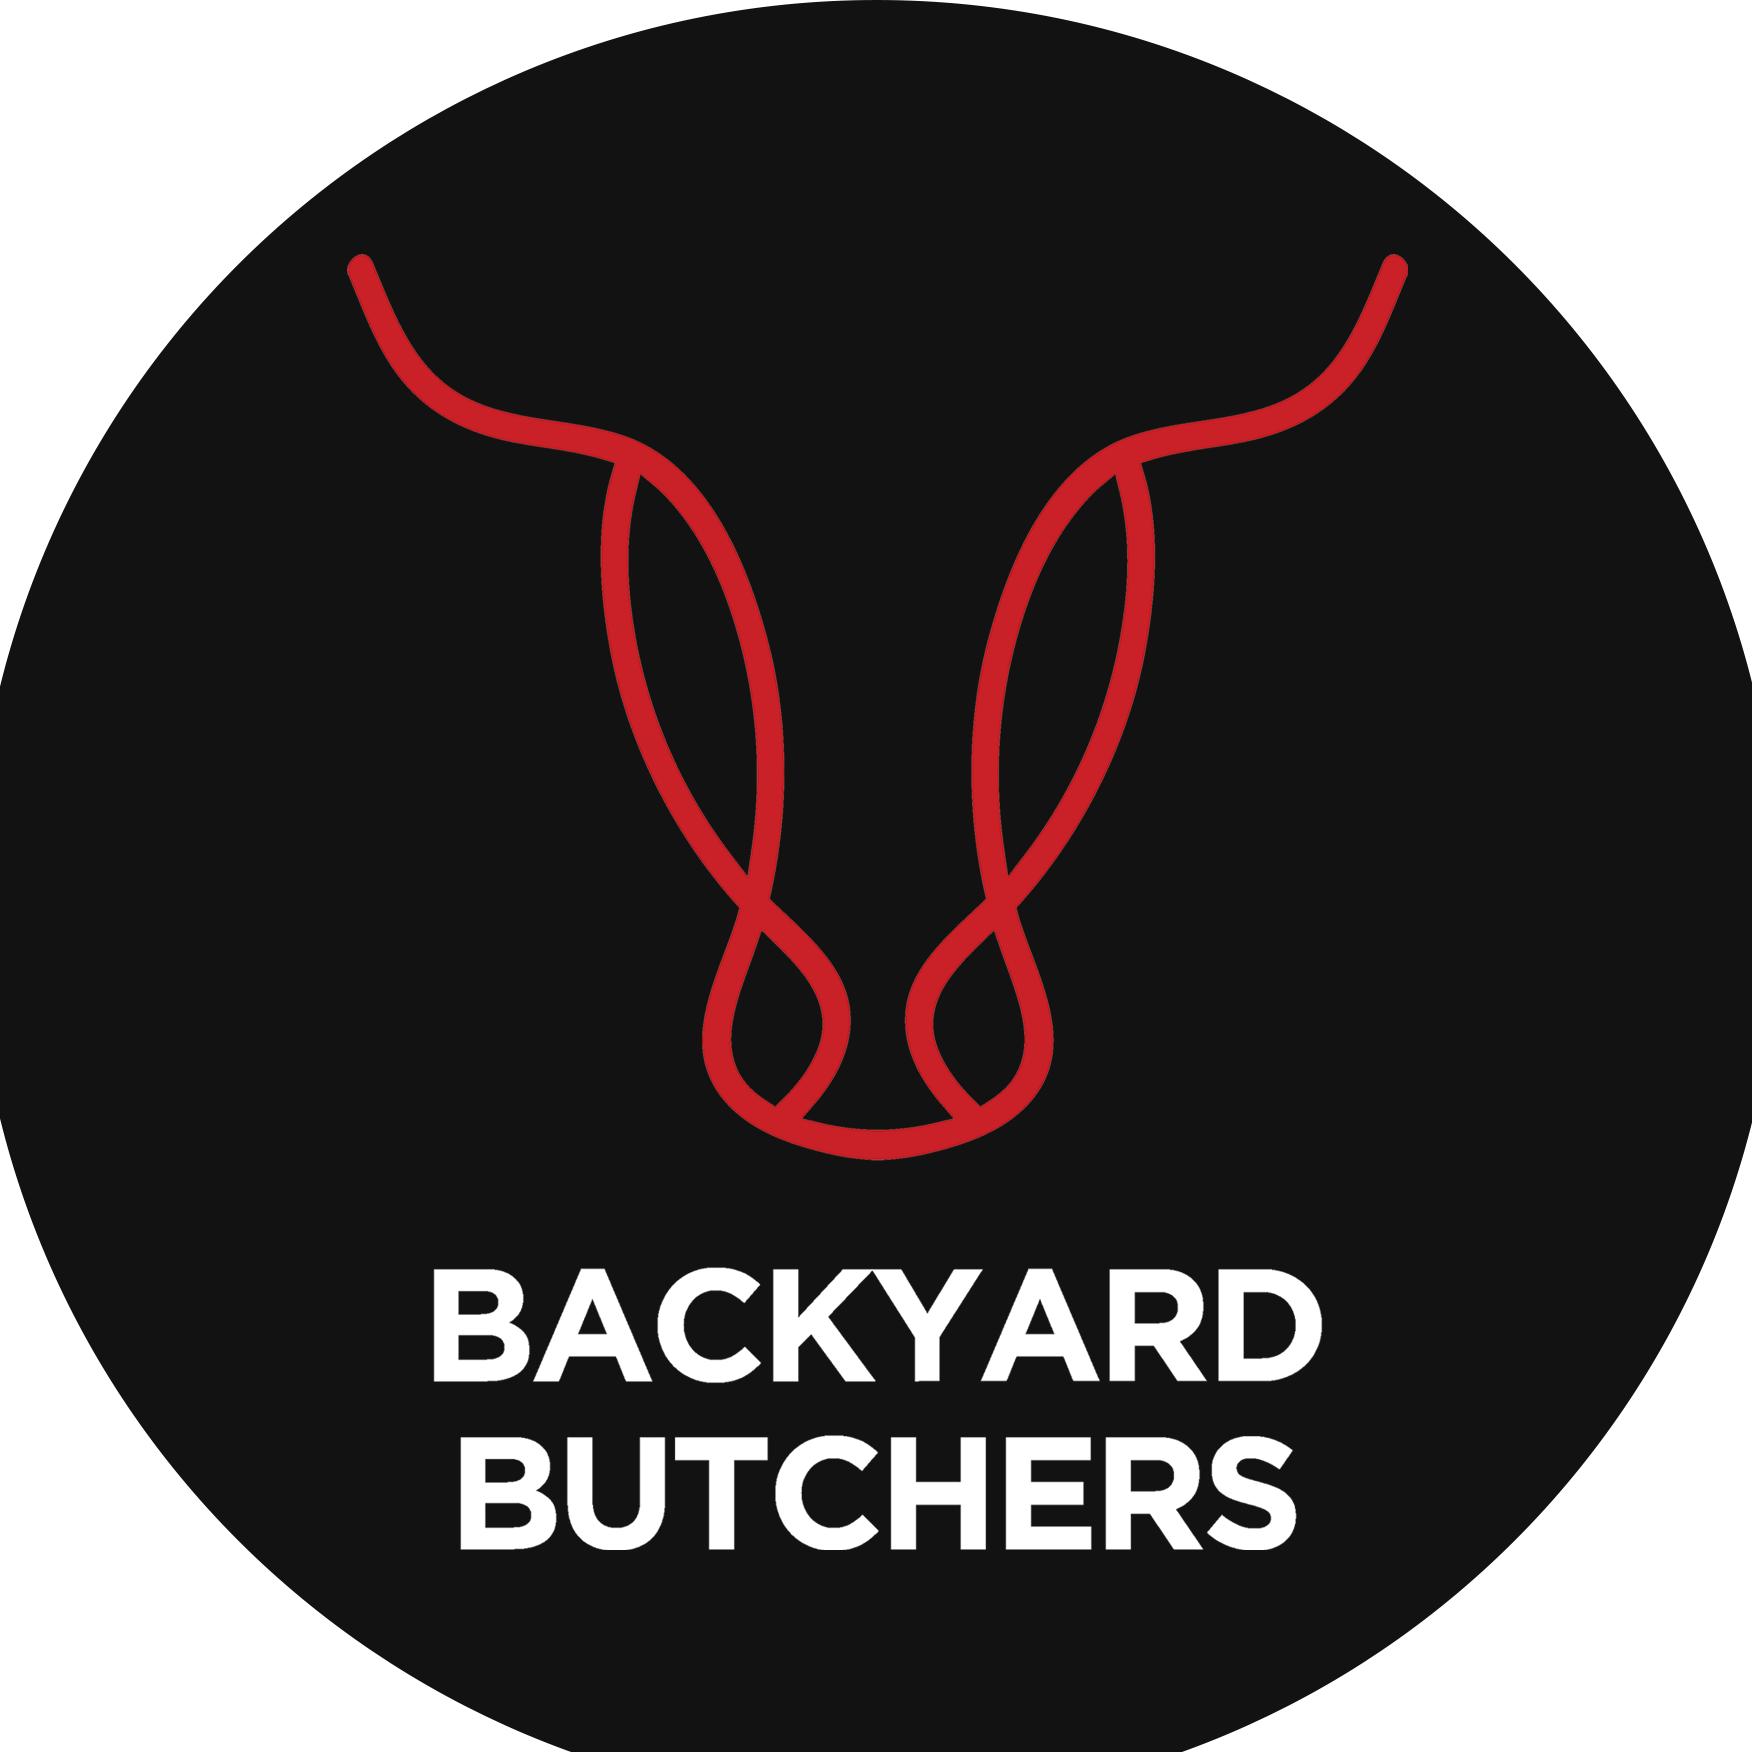 Backyard Butchers